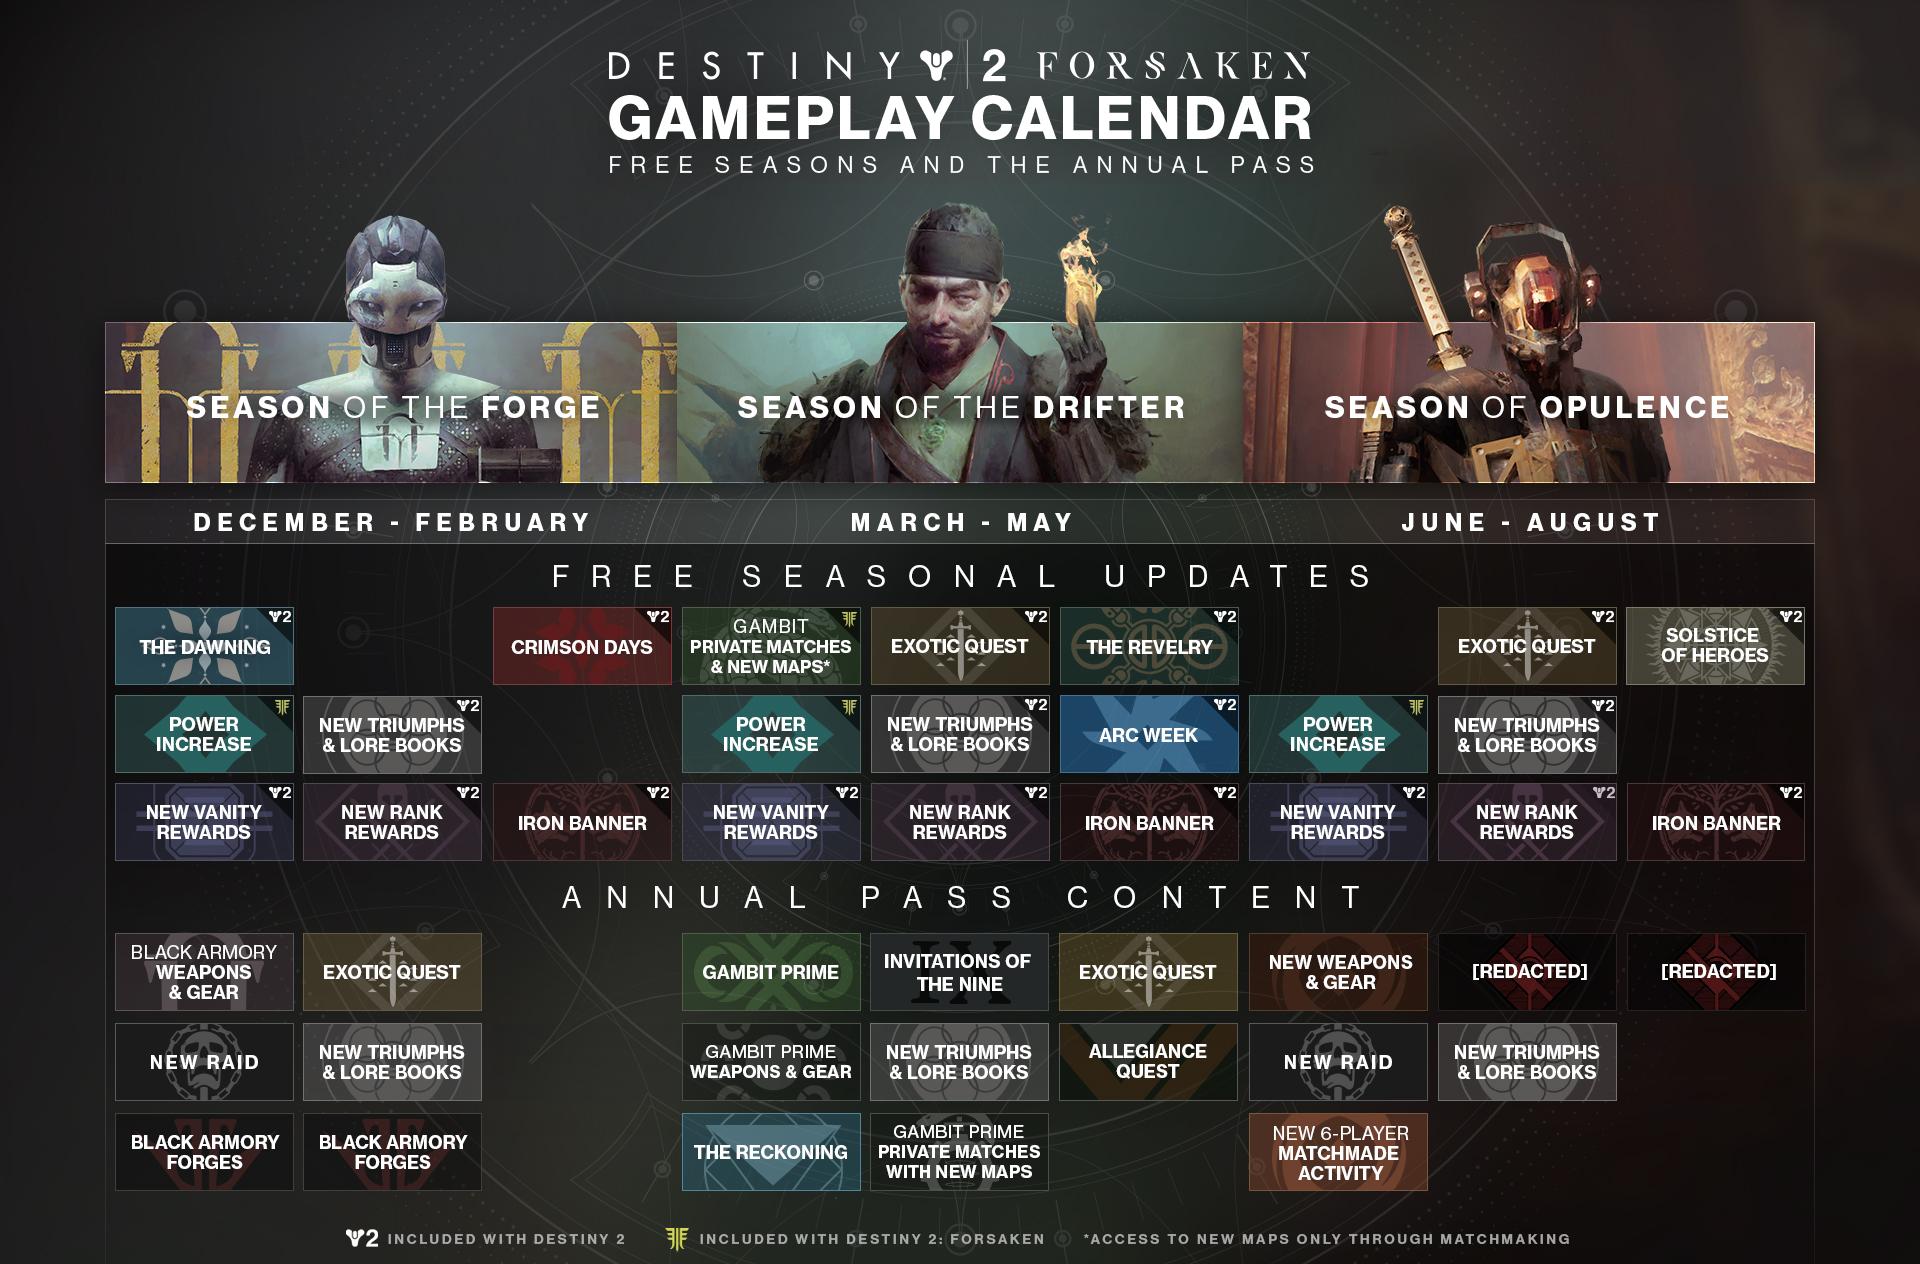 La Temporada del Nómada de Destiny 2 llega con aventuras excepcionales y nuevas actividades 'endgame'